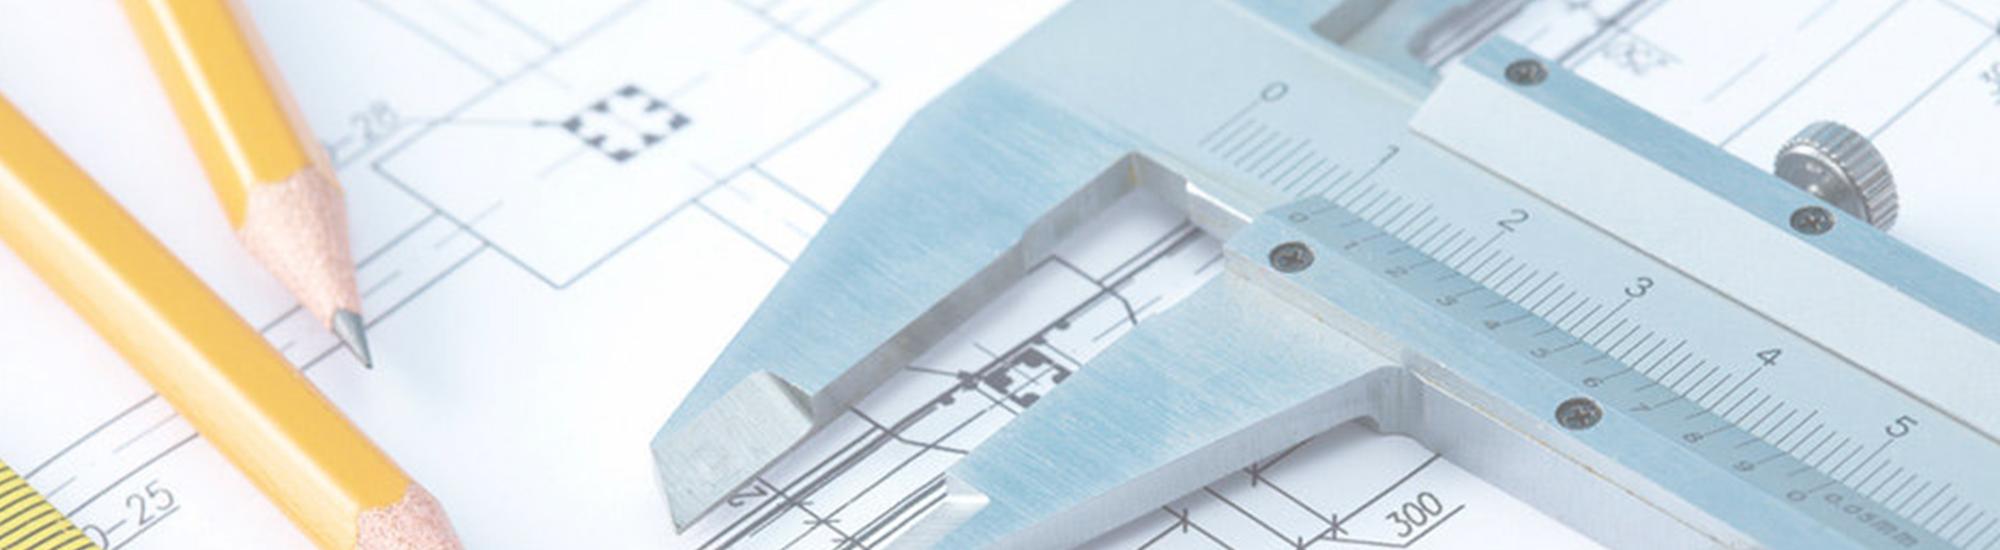 ATK-Slide-1-Escalímetro